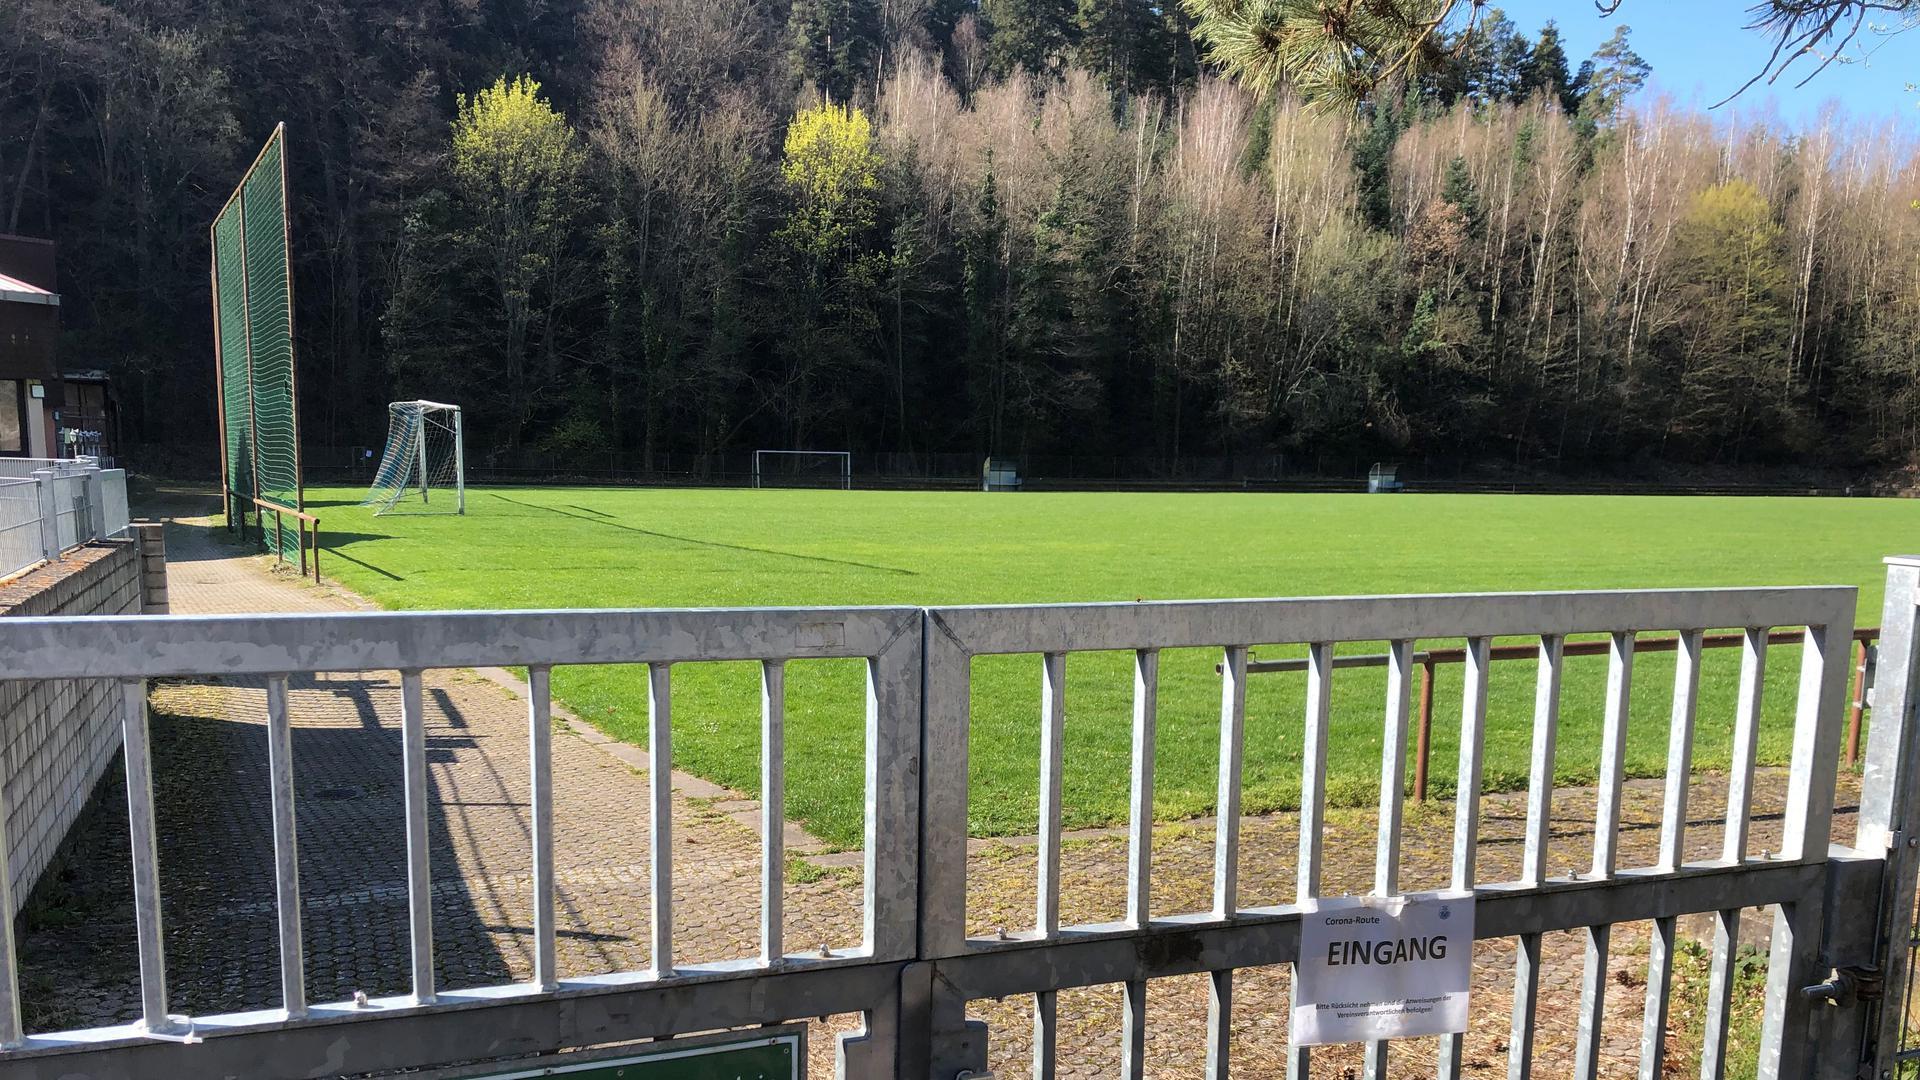 Betäubende Stille statt tobender Menge: Die Sportplätze der Region – wie hier in Dillweißenstein – sind derzeit verwaist.